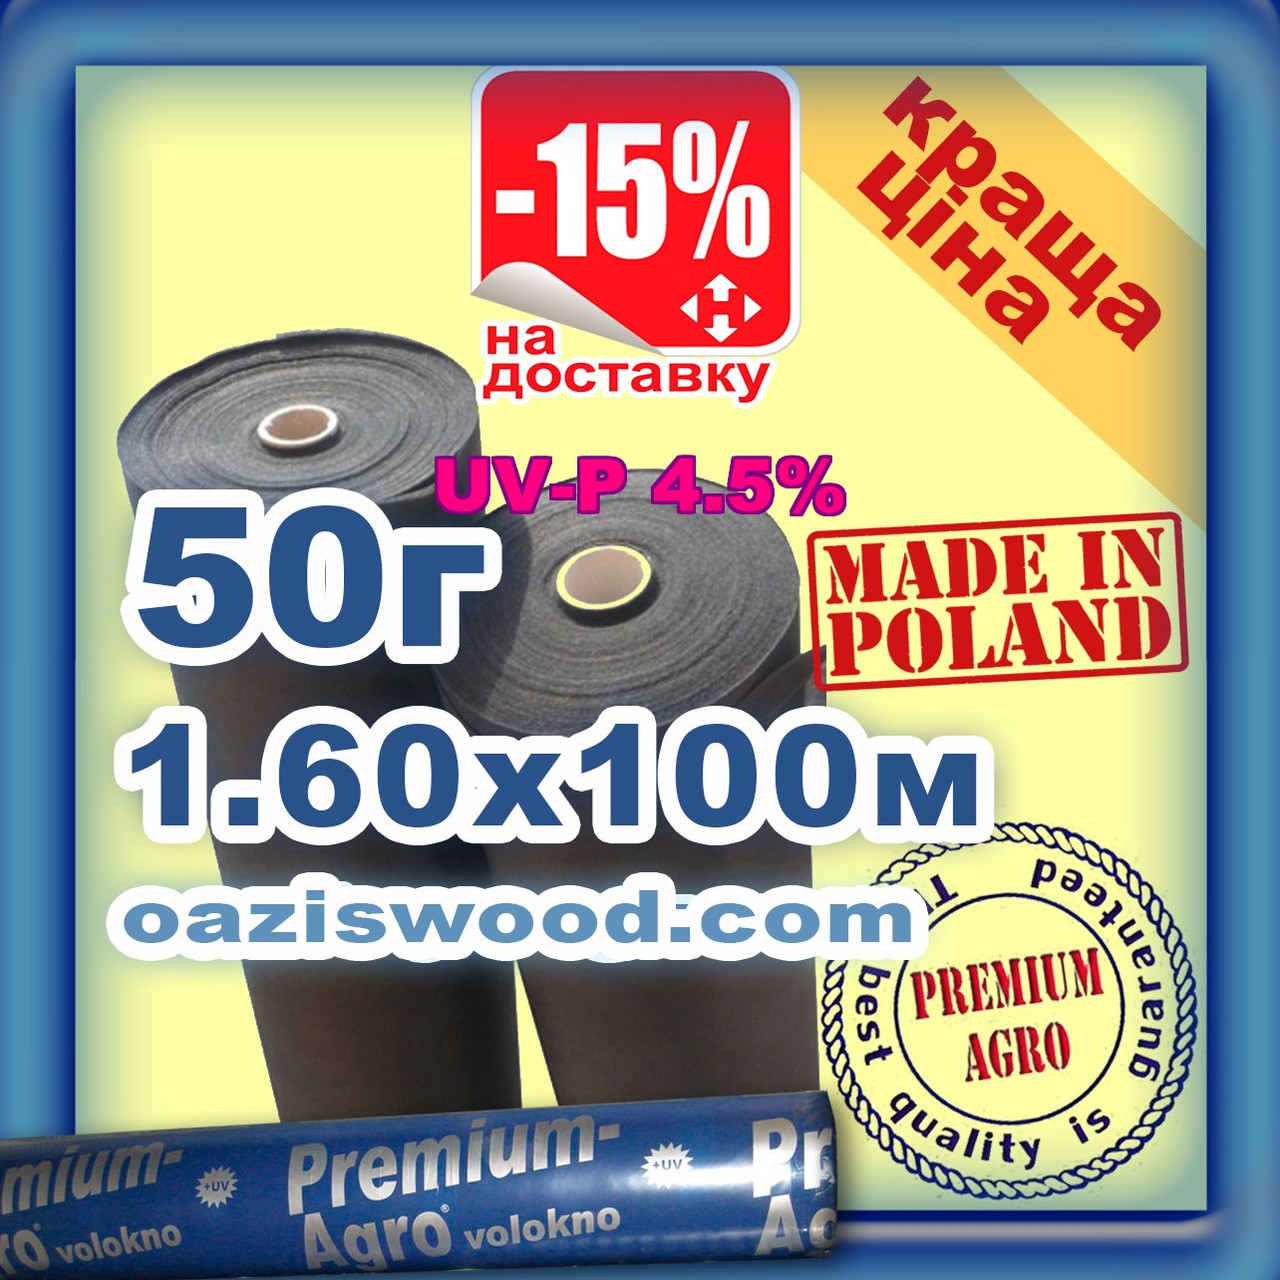 Агроволокно p-50g 1.6*100м черное UV-P 4.5% Premium-Agro Польша